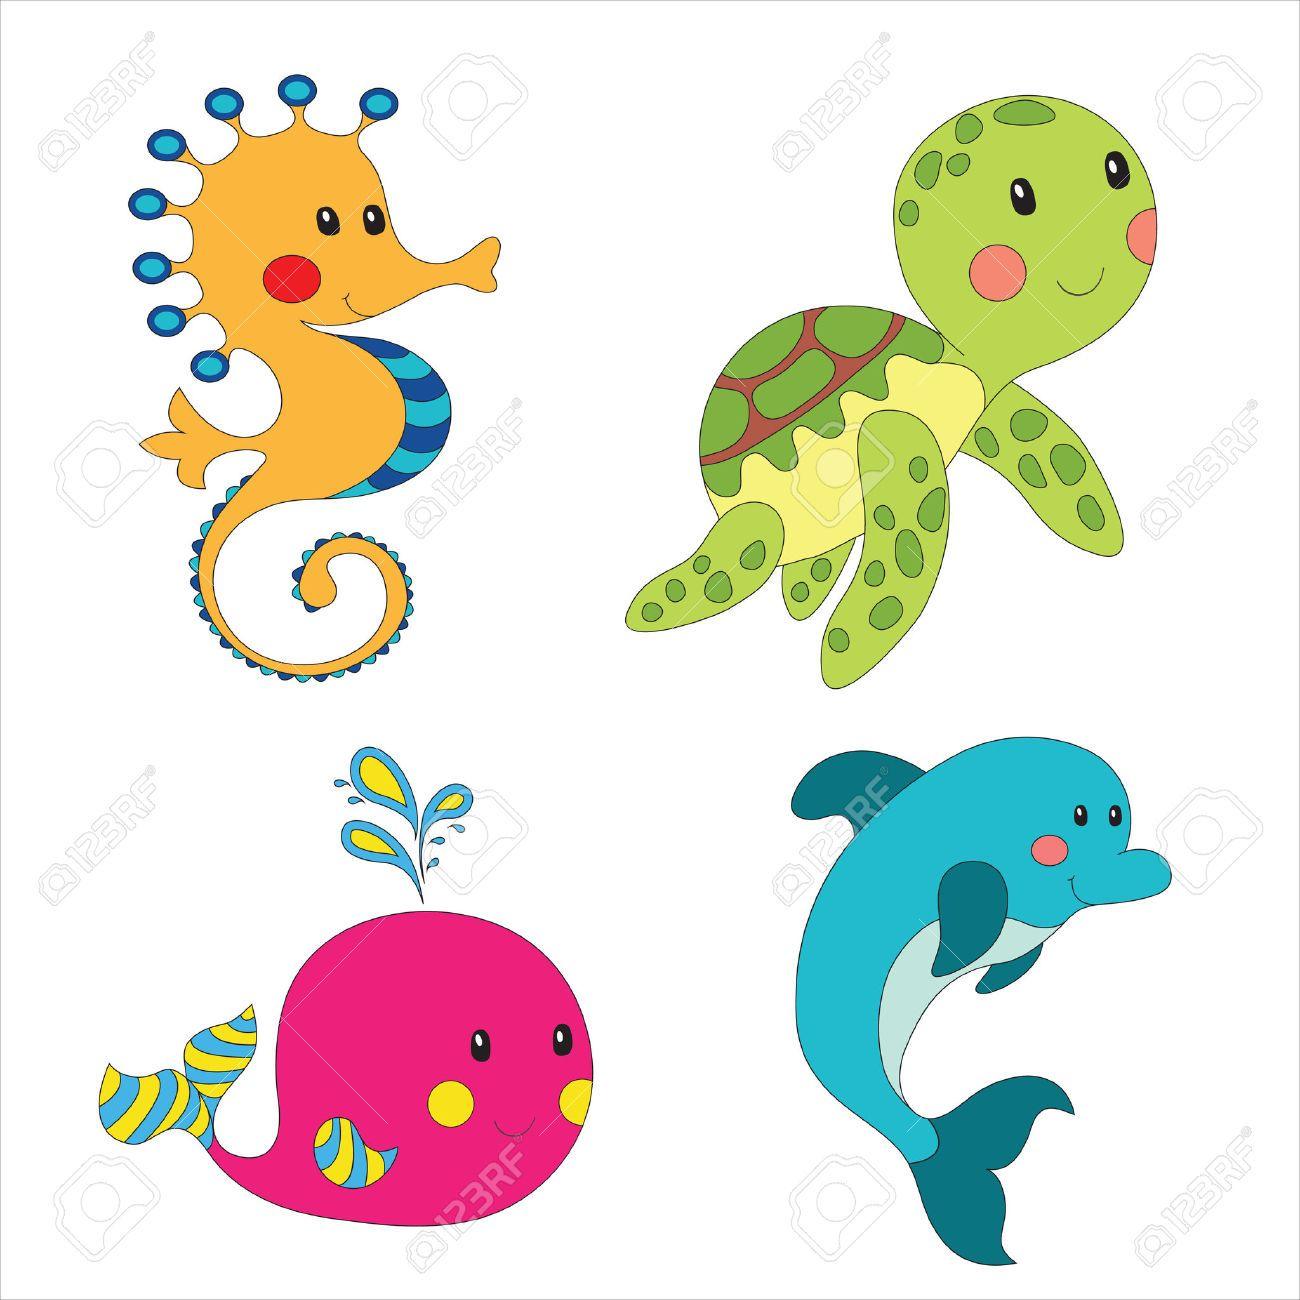 1300x1300 Pictures Of Cartoon Underwater Sea Creatures